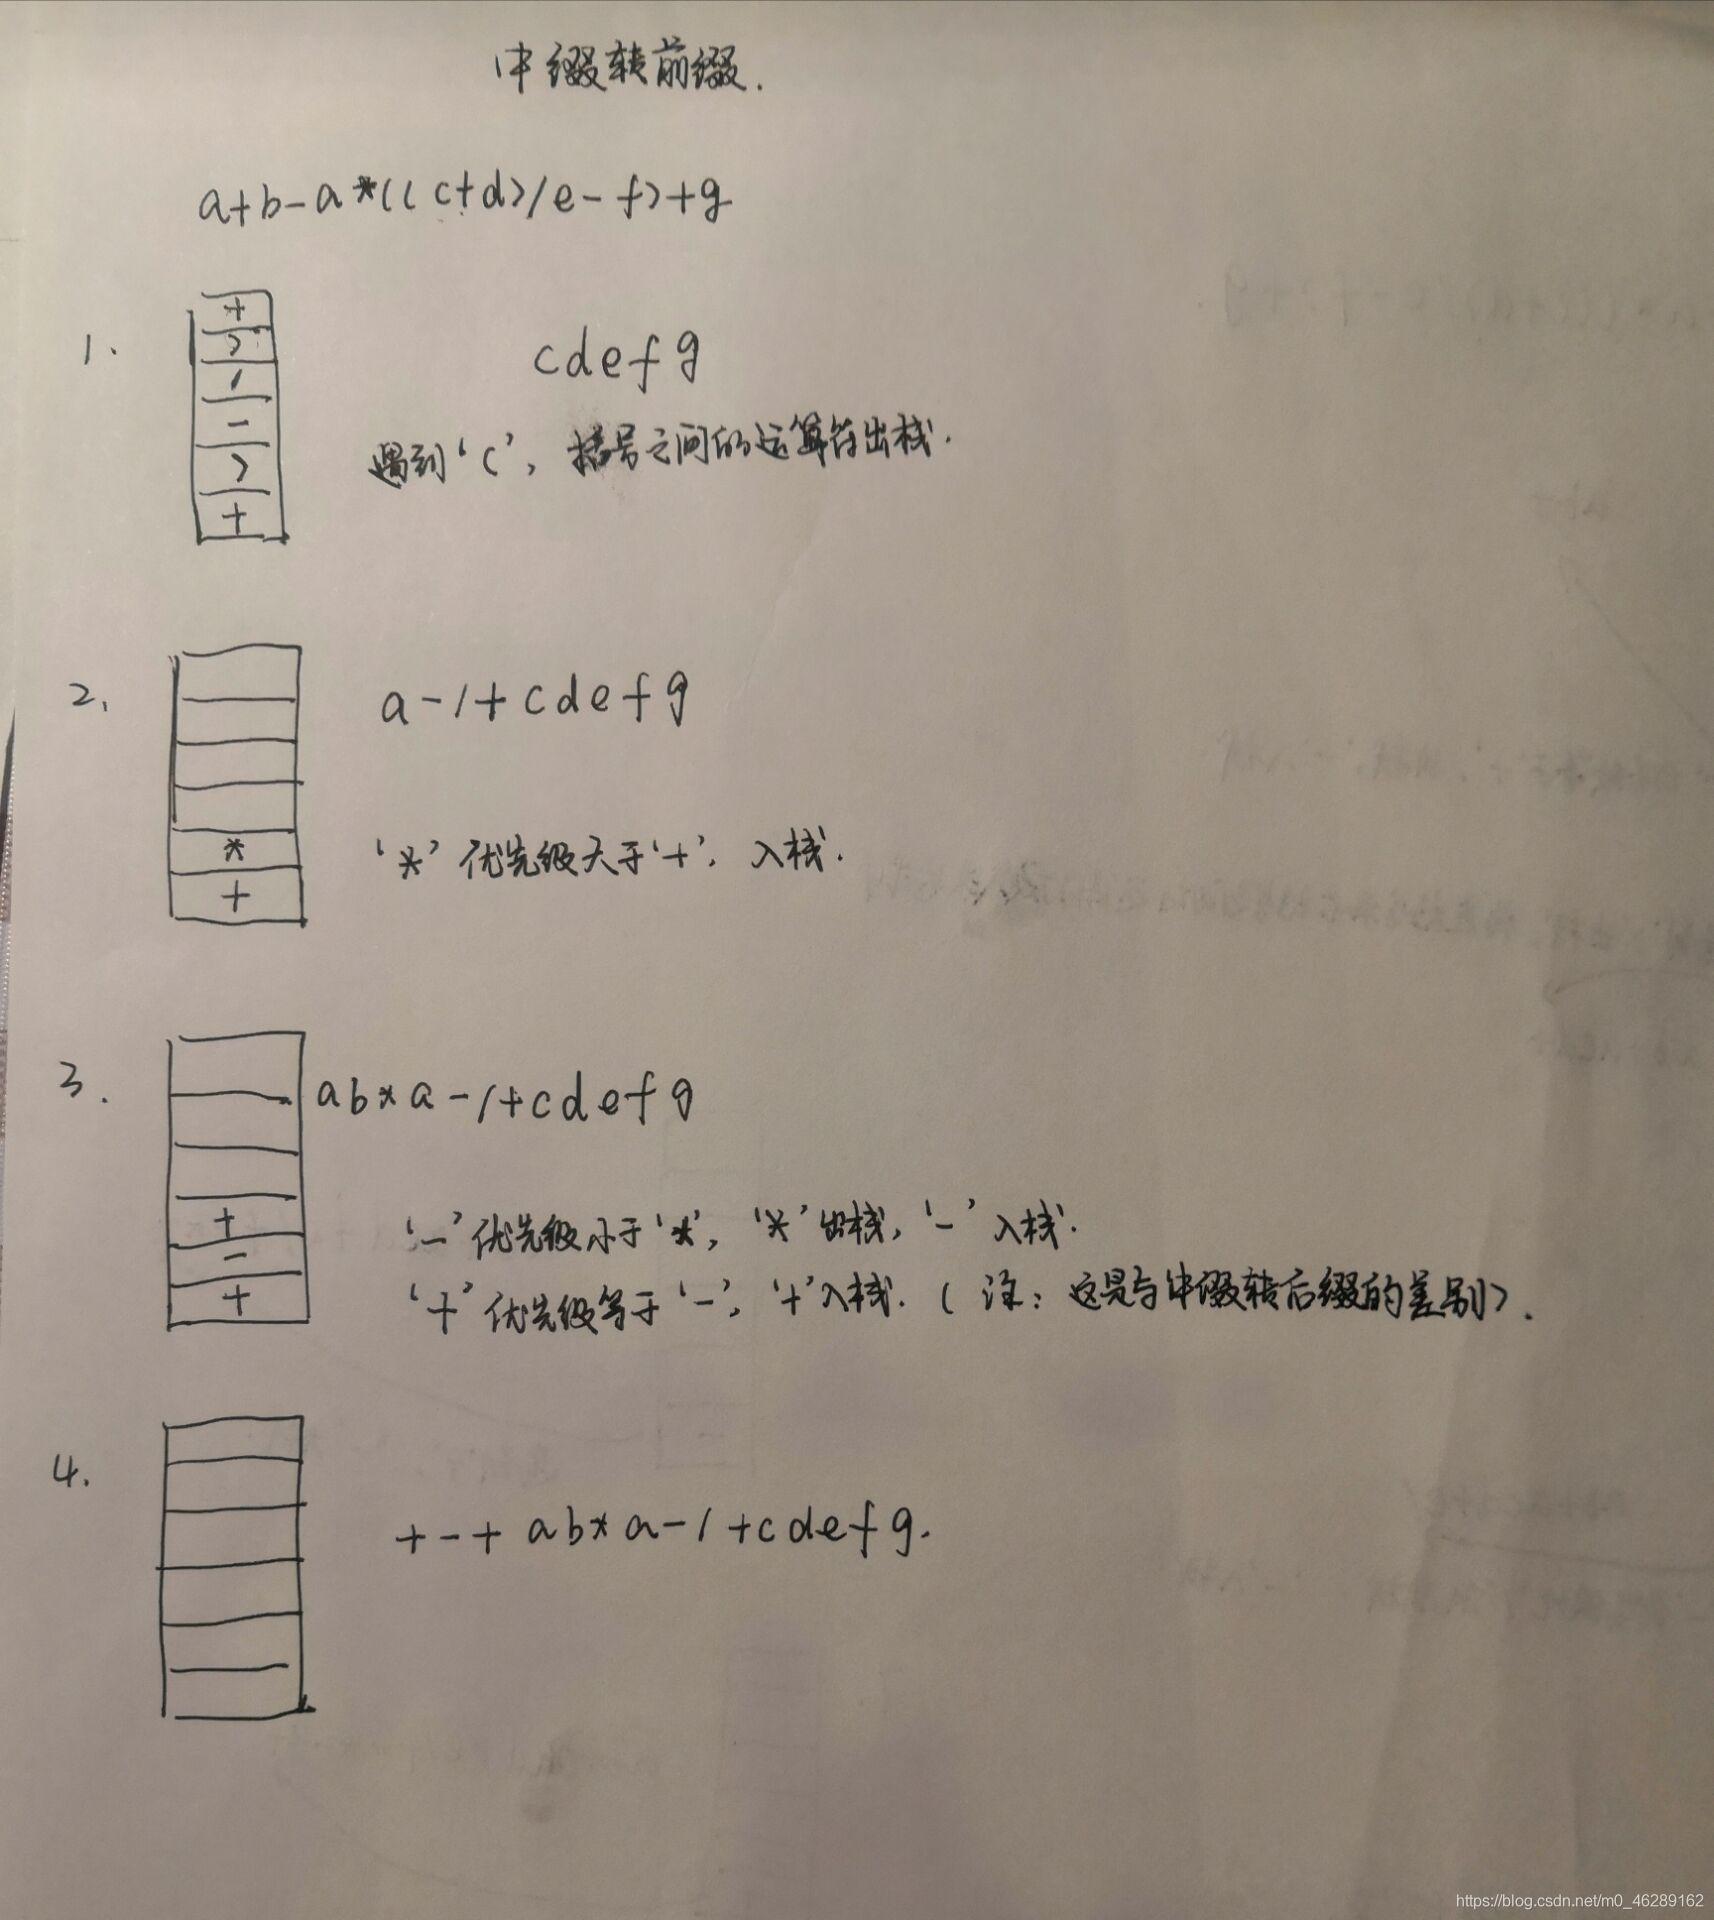 数据结构——中缀表达式转后缀表达式、中缀转前缀表达式